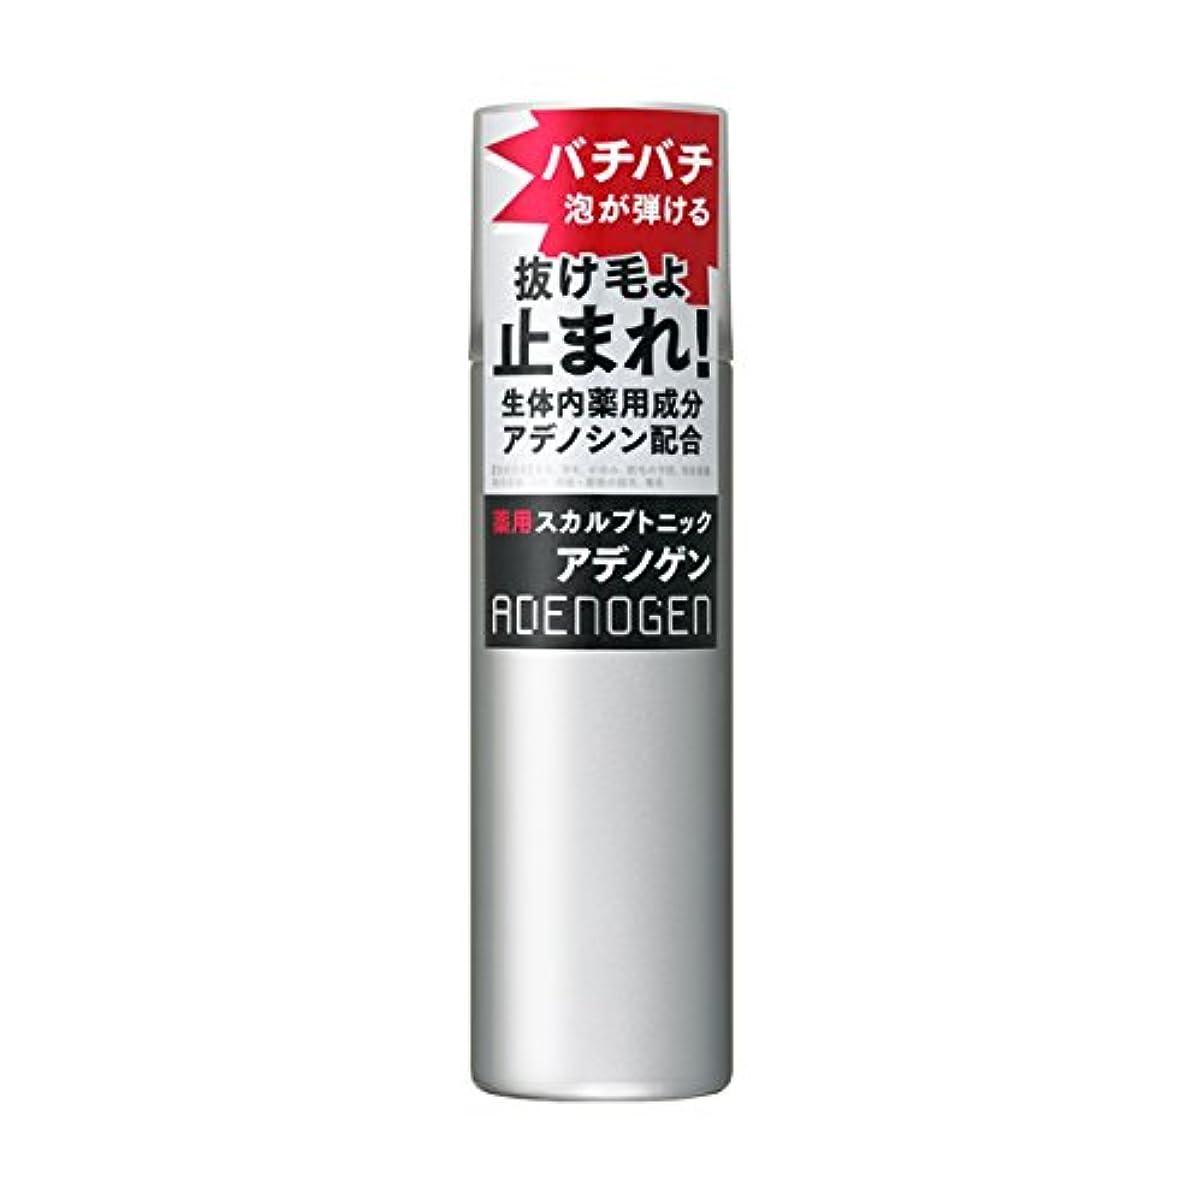 講師大西洋体アデノゲン 薬用スカルプトニック 130g 【医薬部外品】